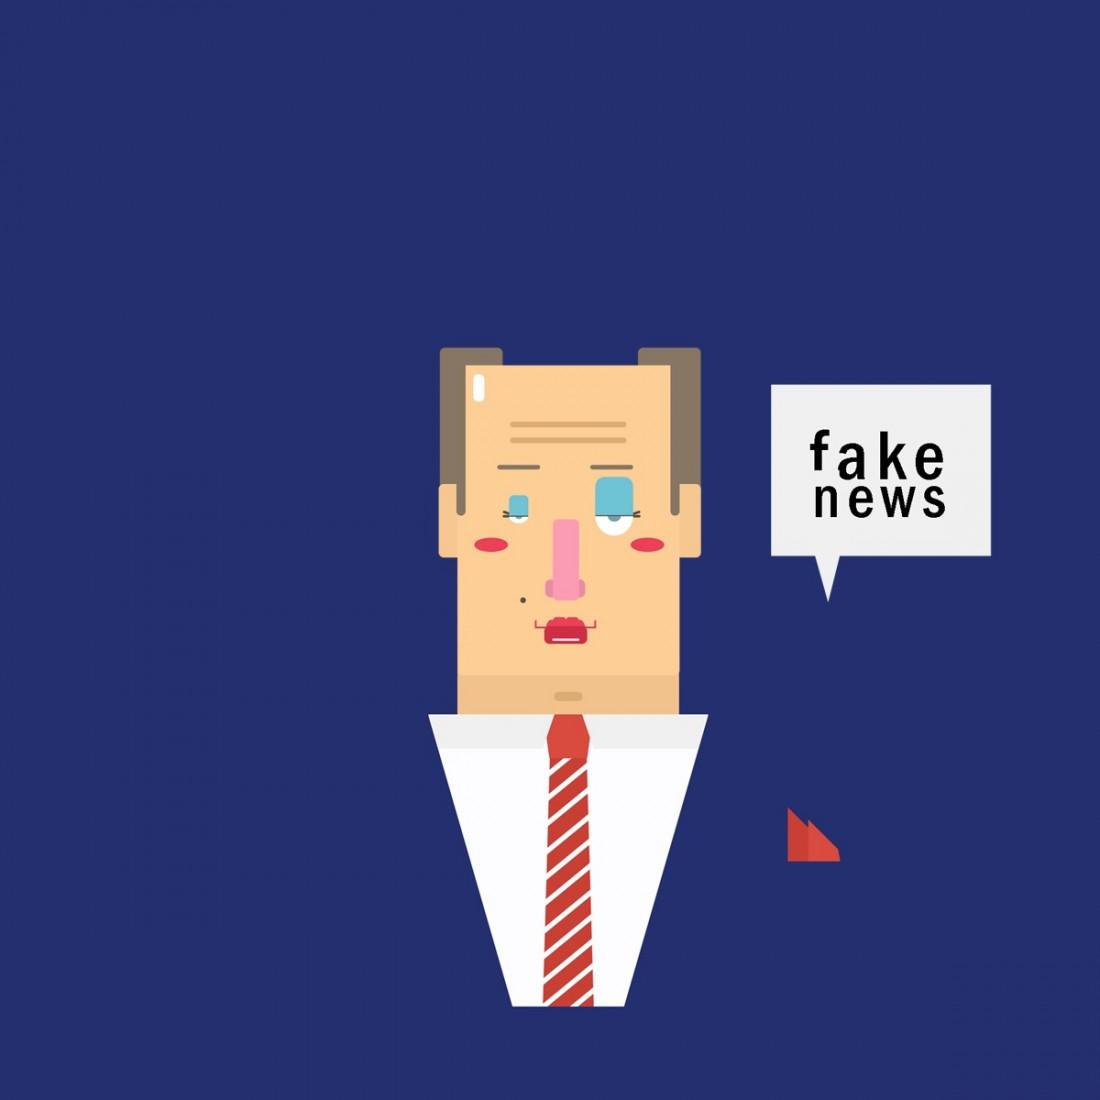 ilustración noticias falsas